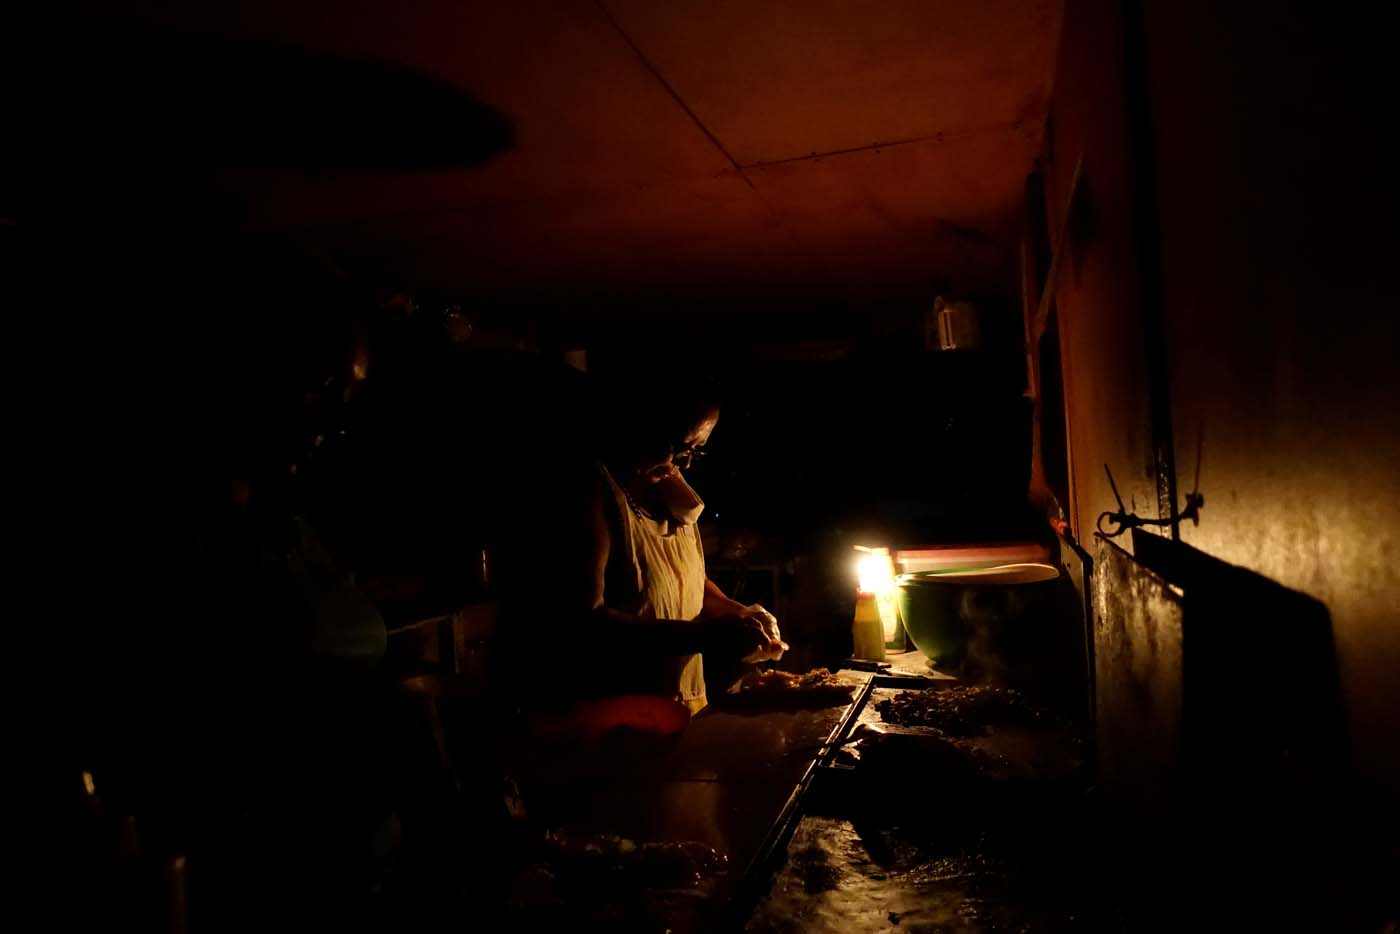 Más de 20 horas sin electricidad en sectores de San Cristóbal | Foto referencial: Reuters